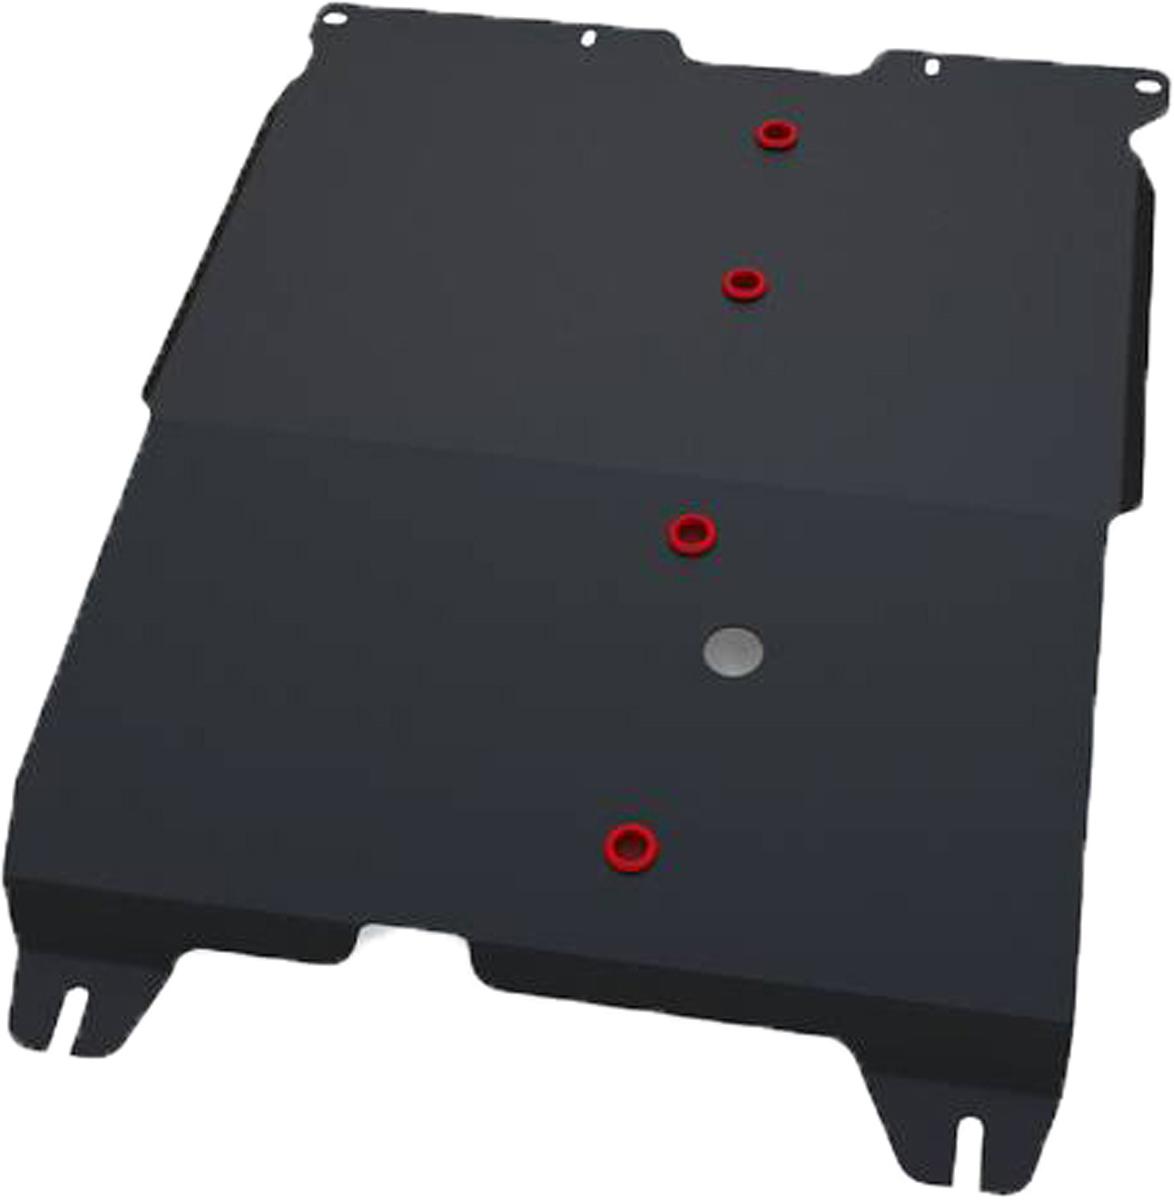 Защита картера и КПП Автоброня Chery Cross Eastar 2006-2014, сталь 2 мм111.00907.1Защита картера и КПП Автоброня Chery Cross Eastar (B14), V - 2,0 2006-2014, сталь 2 мм, комплект крепежа, 111.00907.1Стальные защиты Автоброня надежно защищают ваш автомобиль от повреждений при наезде на бордюры, выступающие канализационные люки, кромки поврежденного асфальта или при ремонте дорог, не говоря уже о загородных дорогах.- Имеют оптимальное соотношение цена-качество.- Спроектированы с учетом особенностей автомобиля, что делает установку удобной.- Защита устанавливается в штатные места кузова автомобиля.- Является надежной защитой для важных элементов на протяжении долгих лет.- Глубокий штамп дополнительно усиливает конструкцию защиты.- Подштамповка в местах крепления защищает крепеж от срезания.- Технологические отверстия там, где они необходимы для смены масла и слива воды, оборудованные заглушками, закрепленными на защите.Толщина стали 2 мм.В комплекте крепеж и инструкция по установке.Уважаемые клиенты!Обращаем ваше внимание на тот факт, что защита имеет форму, соответствующую модели данного автомобиля. Наличие глубокого штампа и лючков для смены фильтров/масла предусмотрено не на всех защитах. Фото служит для визуального восприятия товара.